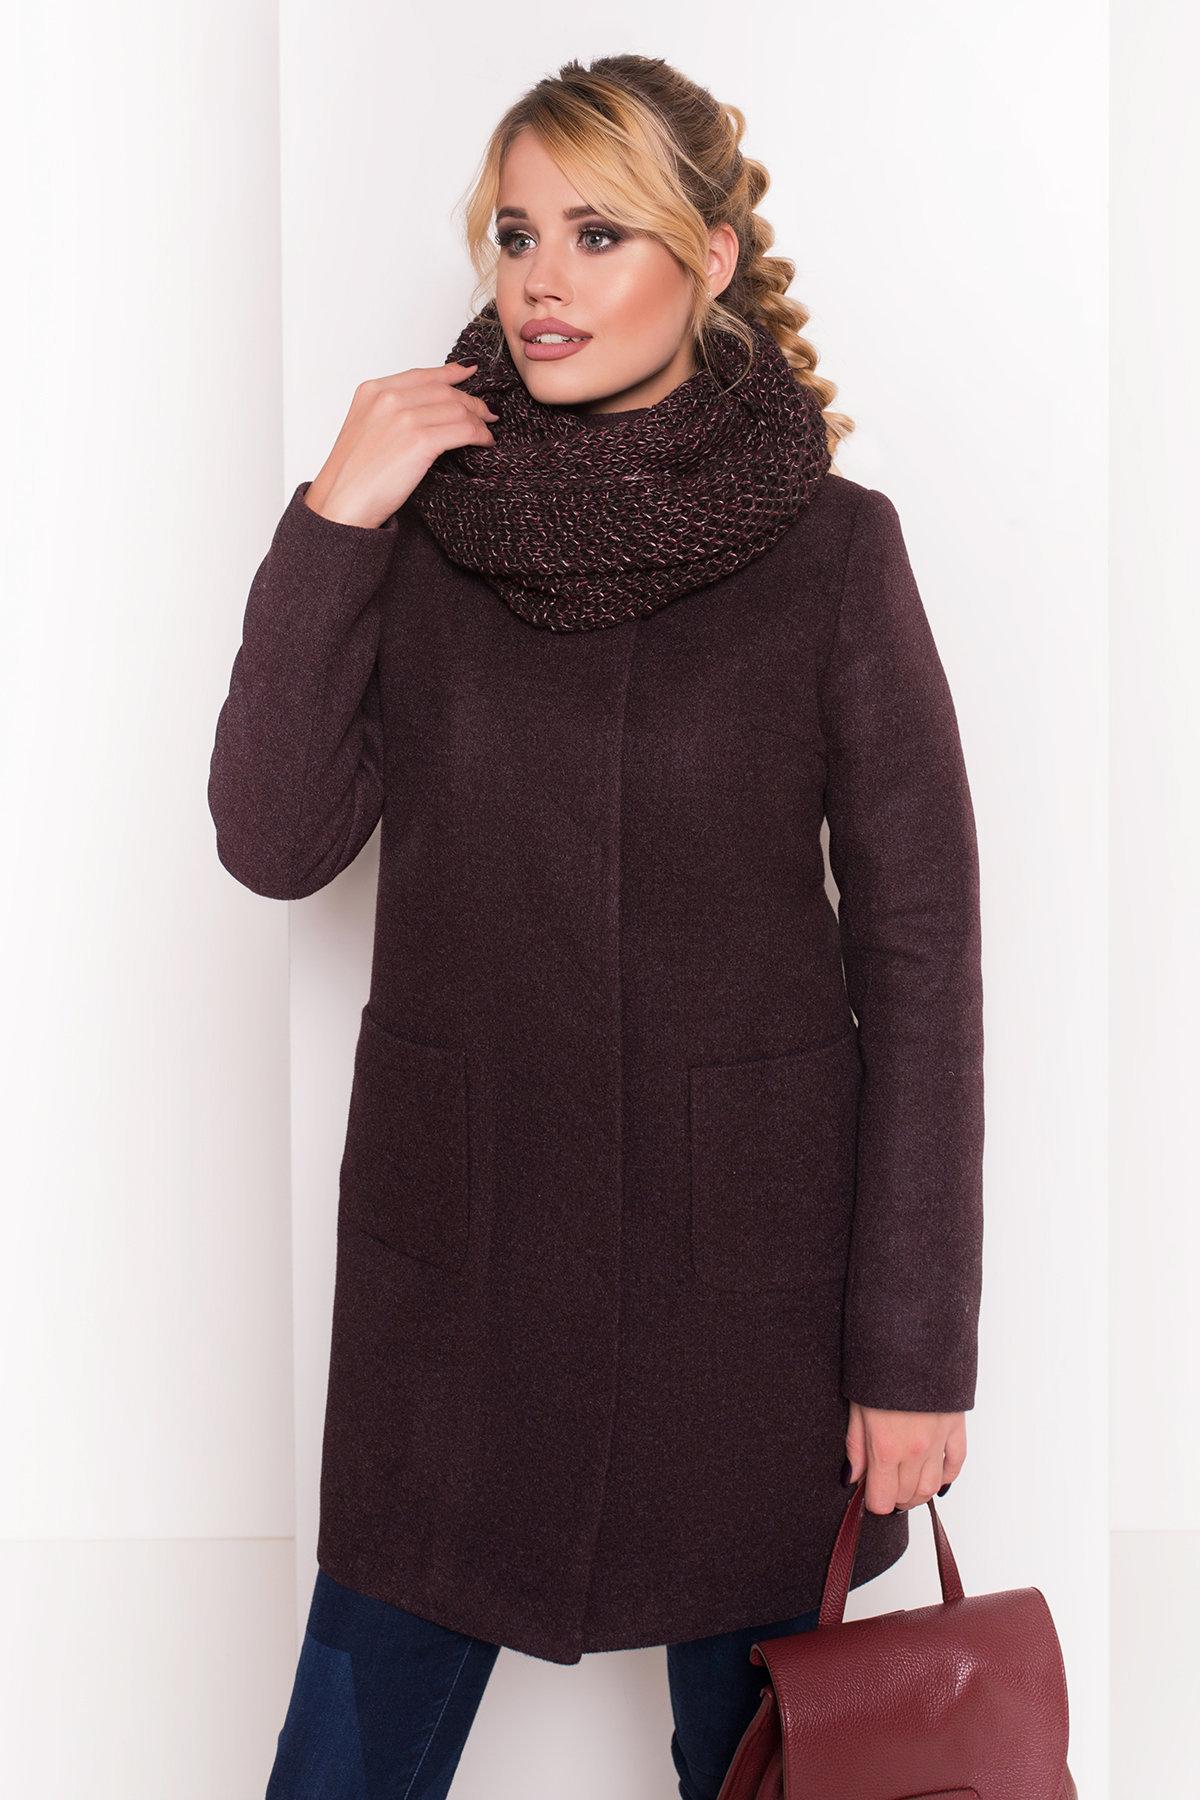 Пальто зима с хомутом Мелини 5644 АРТ. 38236 Цвет: Марсала 5 - фото 5, интернет магазин tm-modus.ru